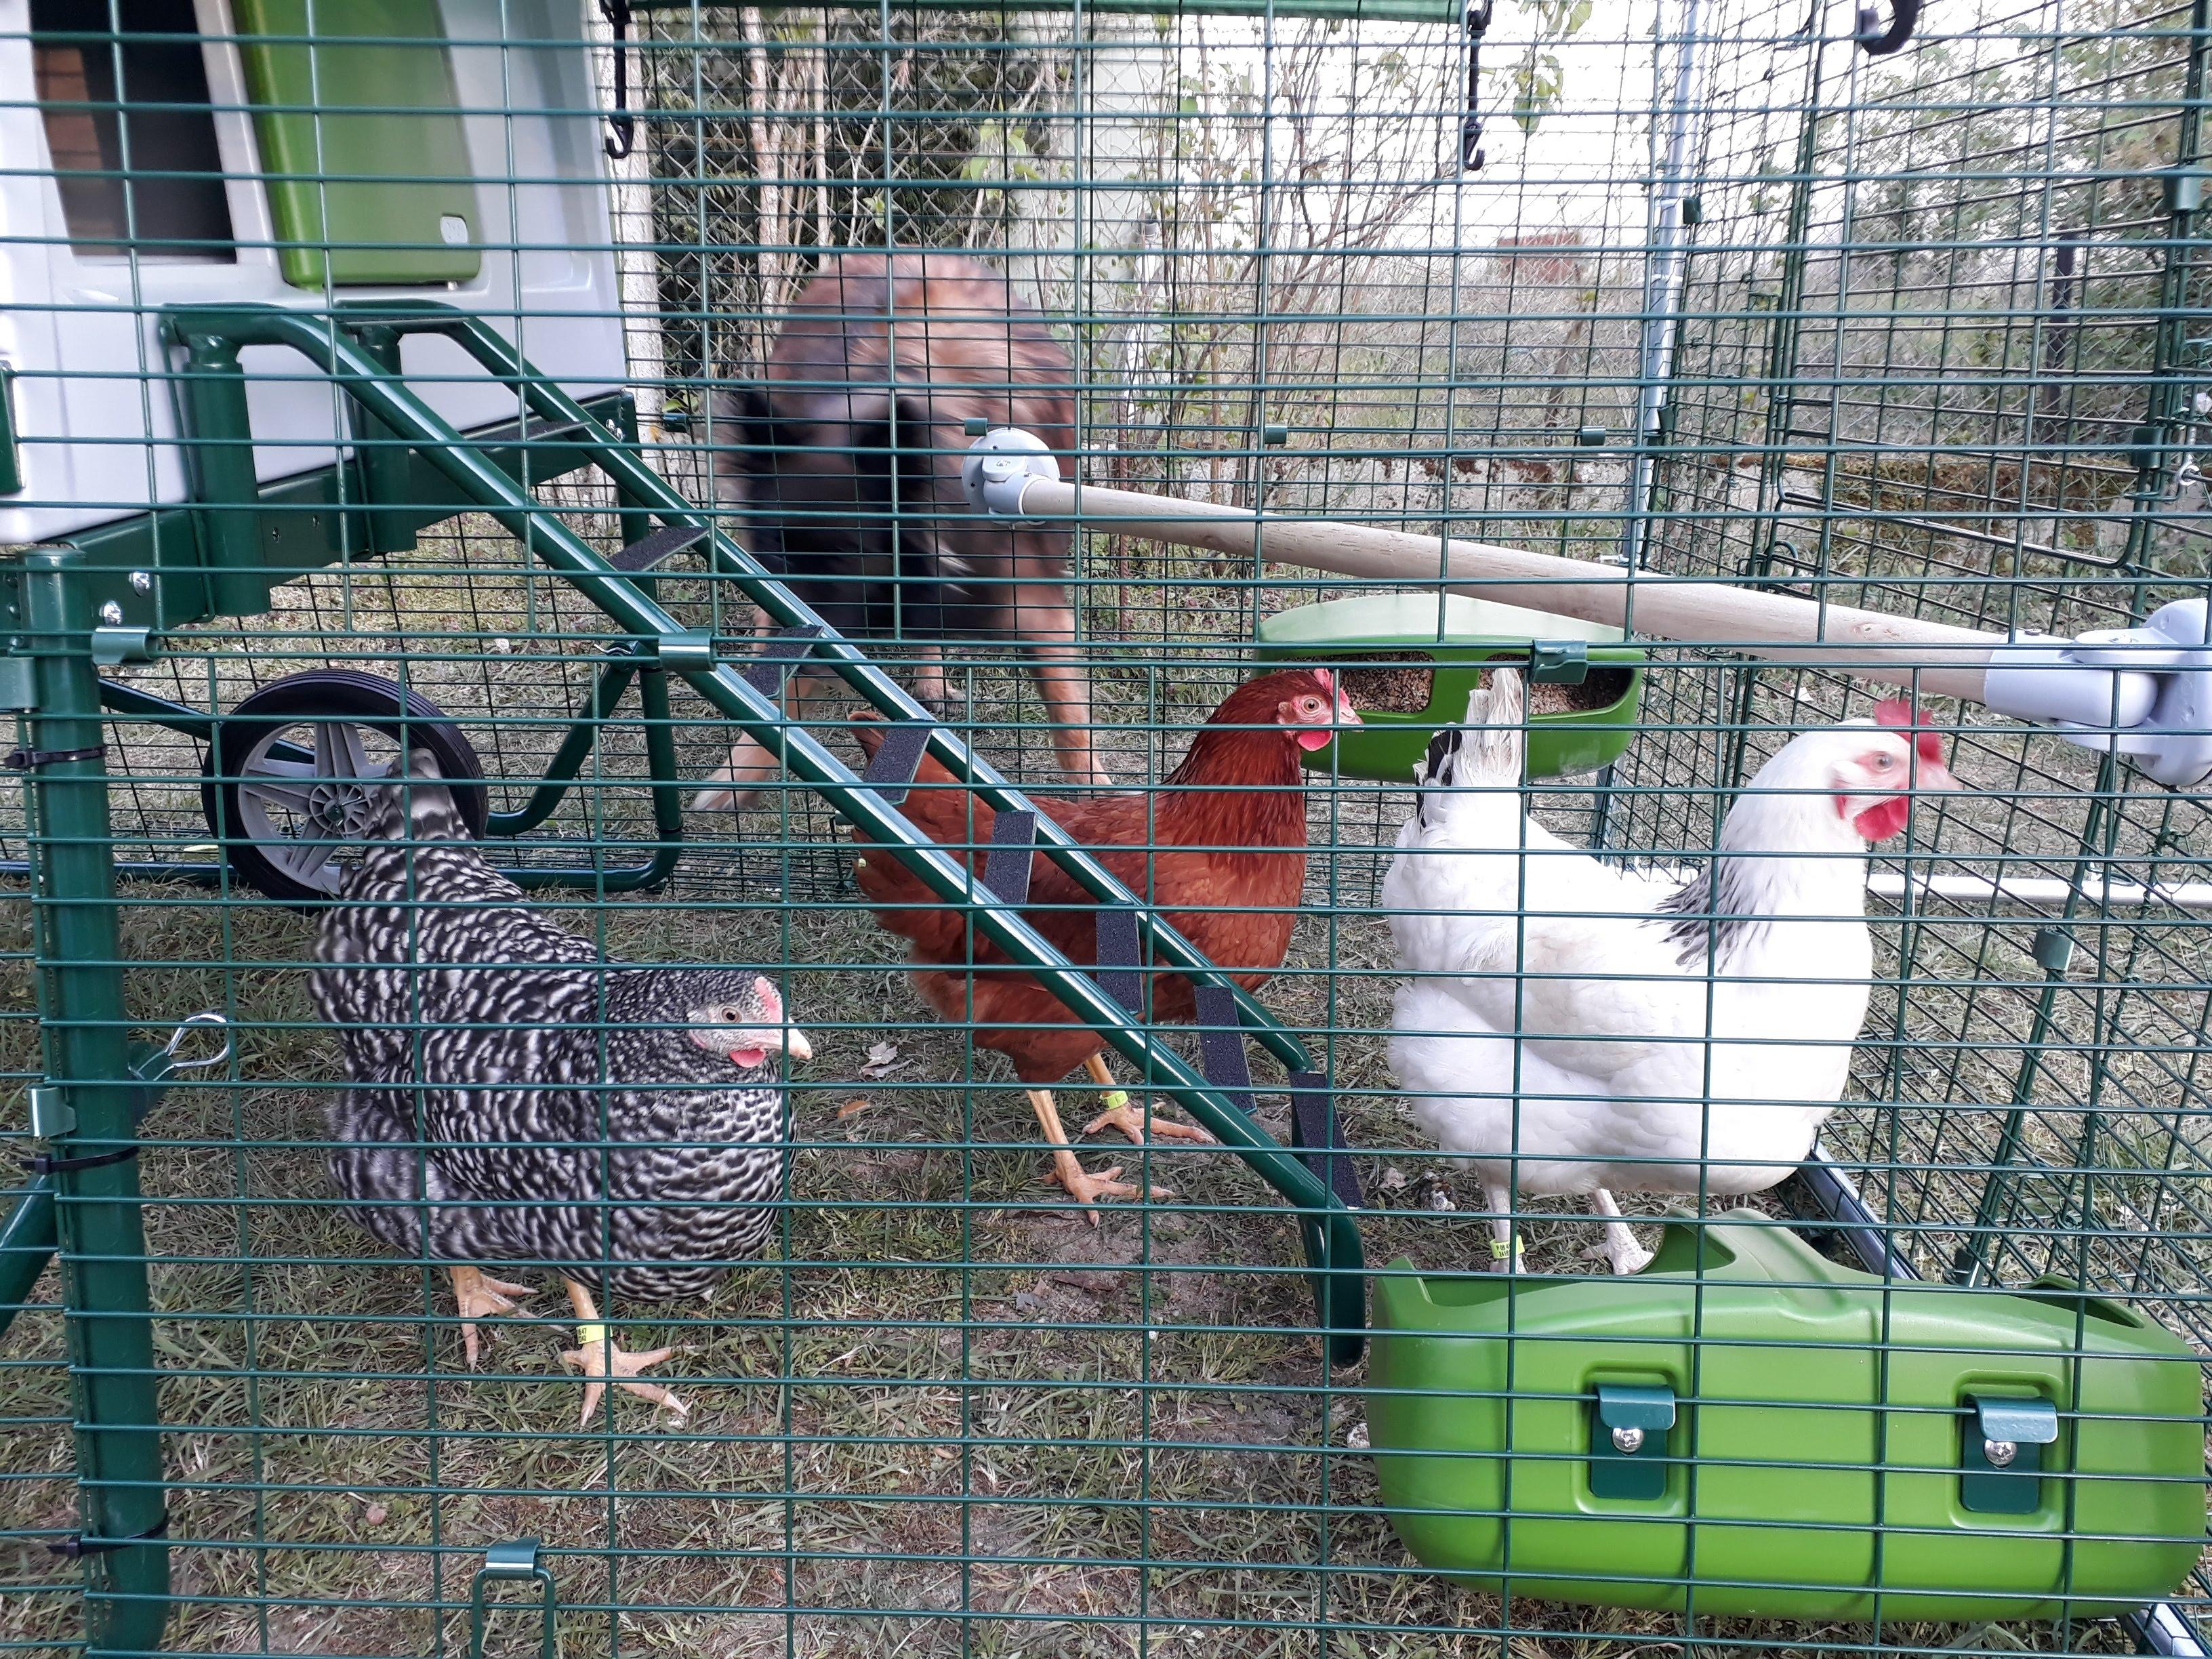 tiroler hühnerschaukel